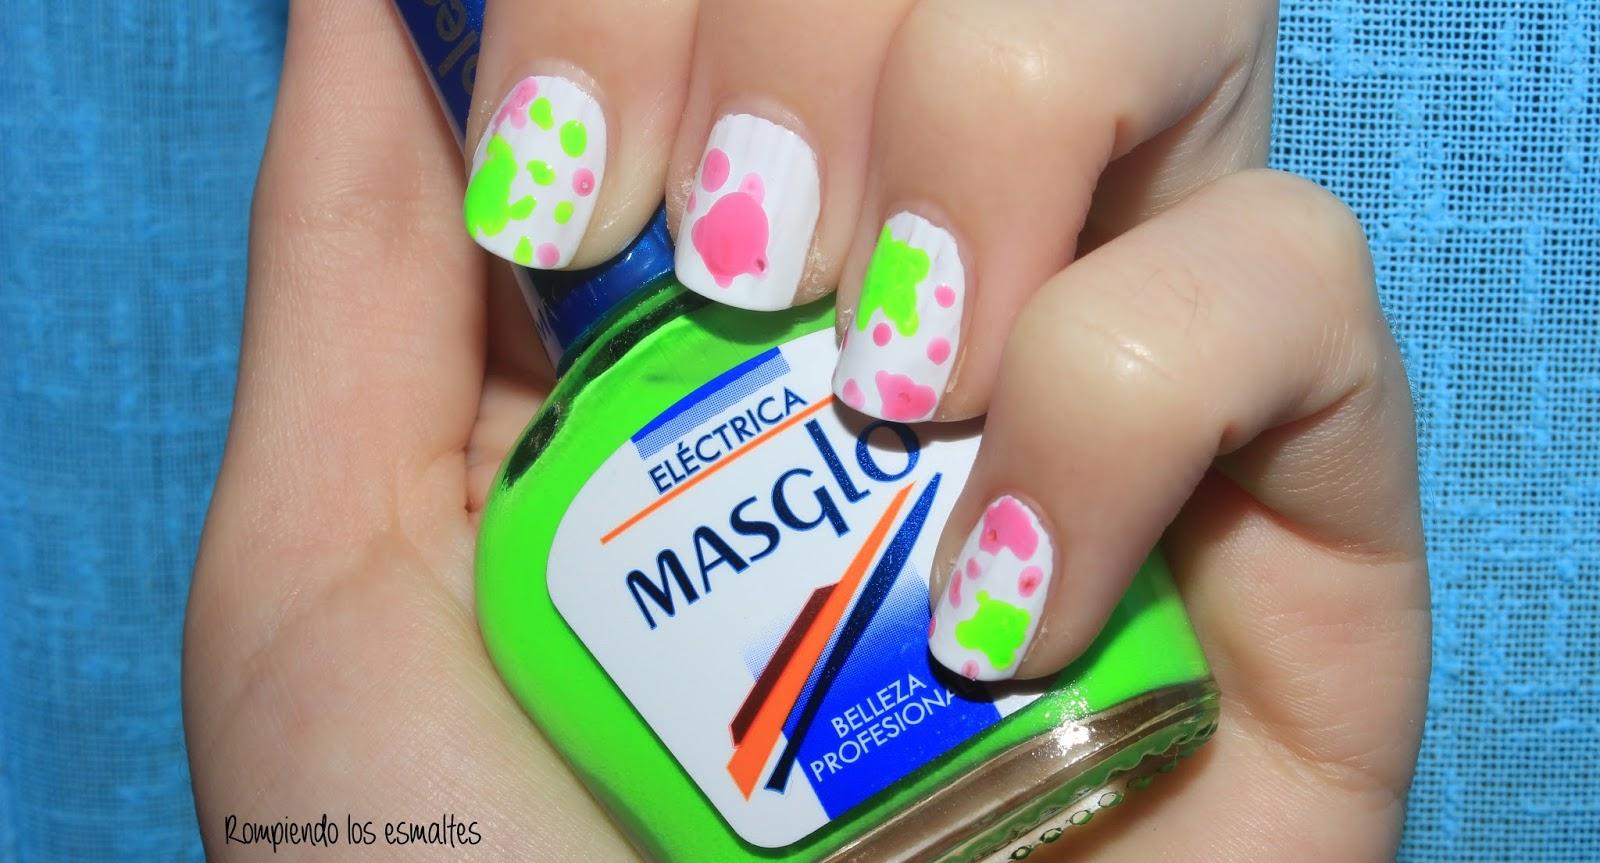 Manchas de pintura - Desafío decoración Masglo - Rompiendo los esmaltes